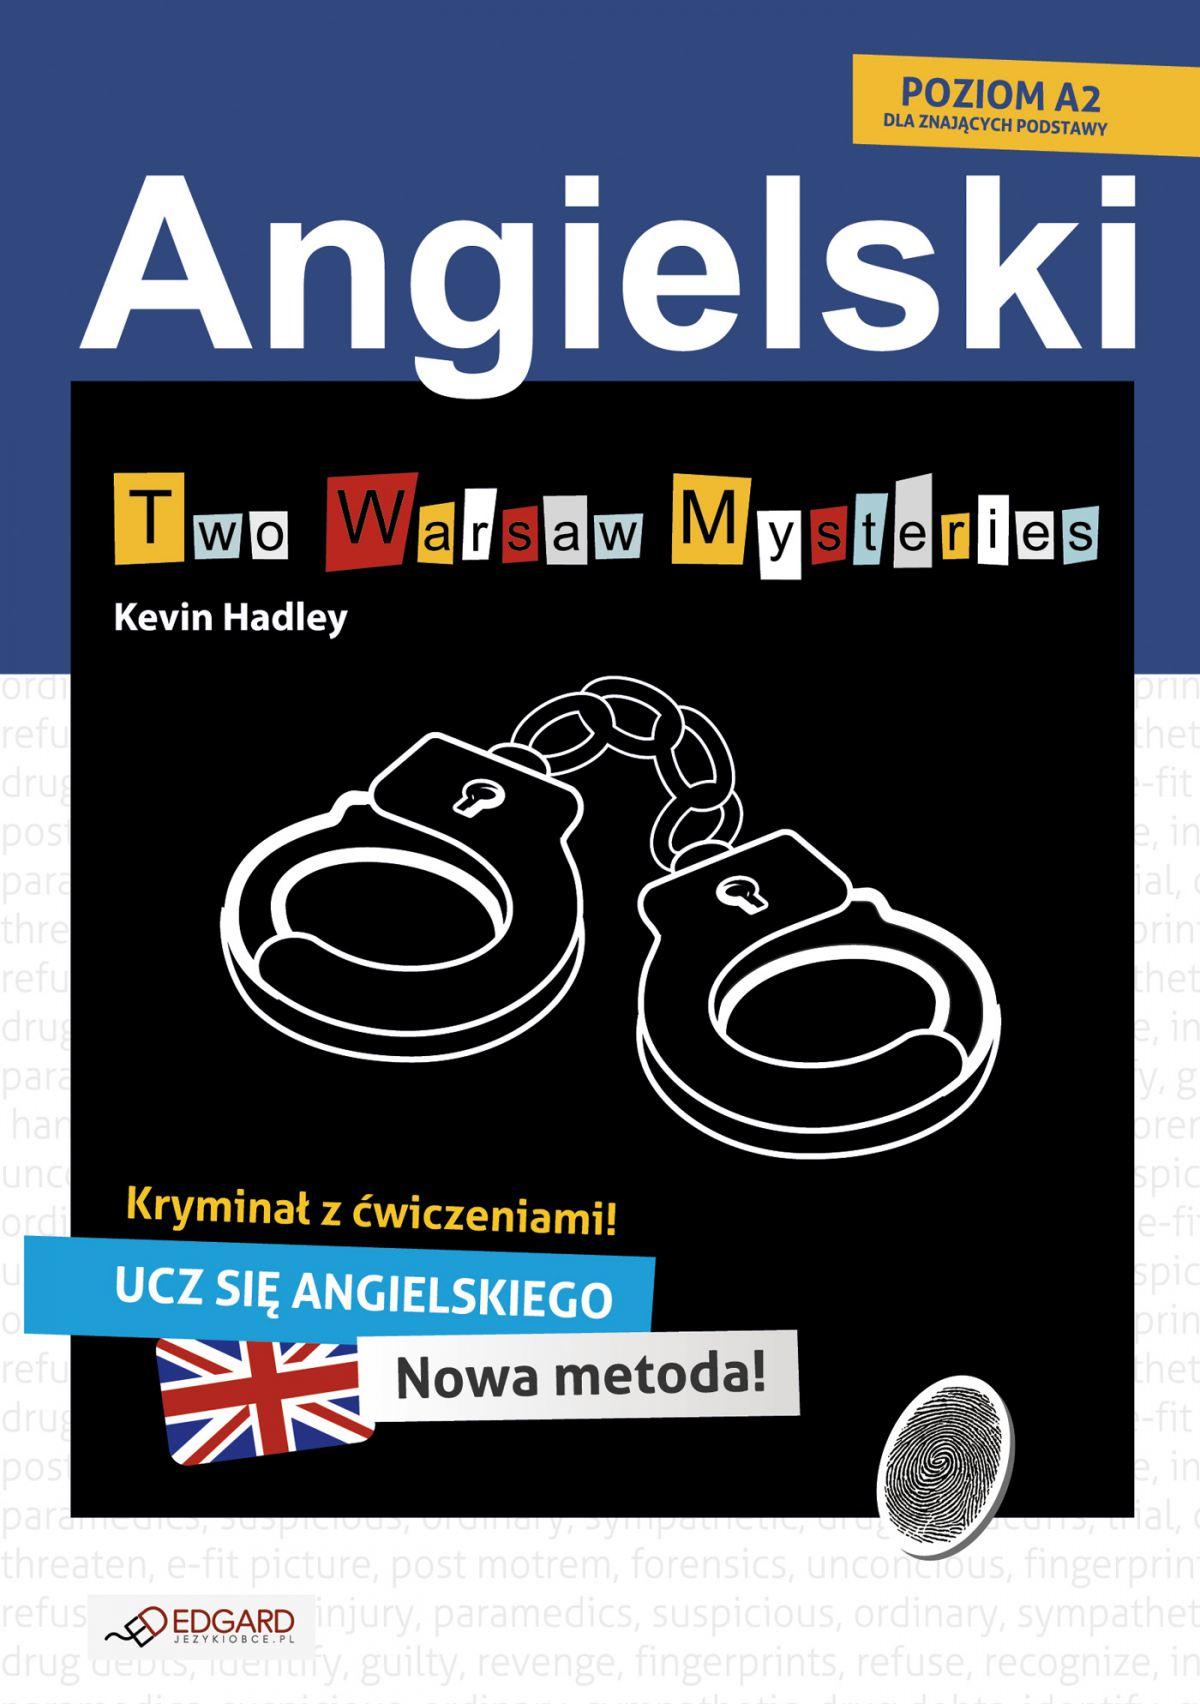 Two Warsaw Mysteries. Angielski kryminał z ćwiczeniami - Ebook (Książka na Kindle) do pobrania w formacie MOBI